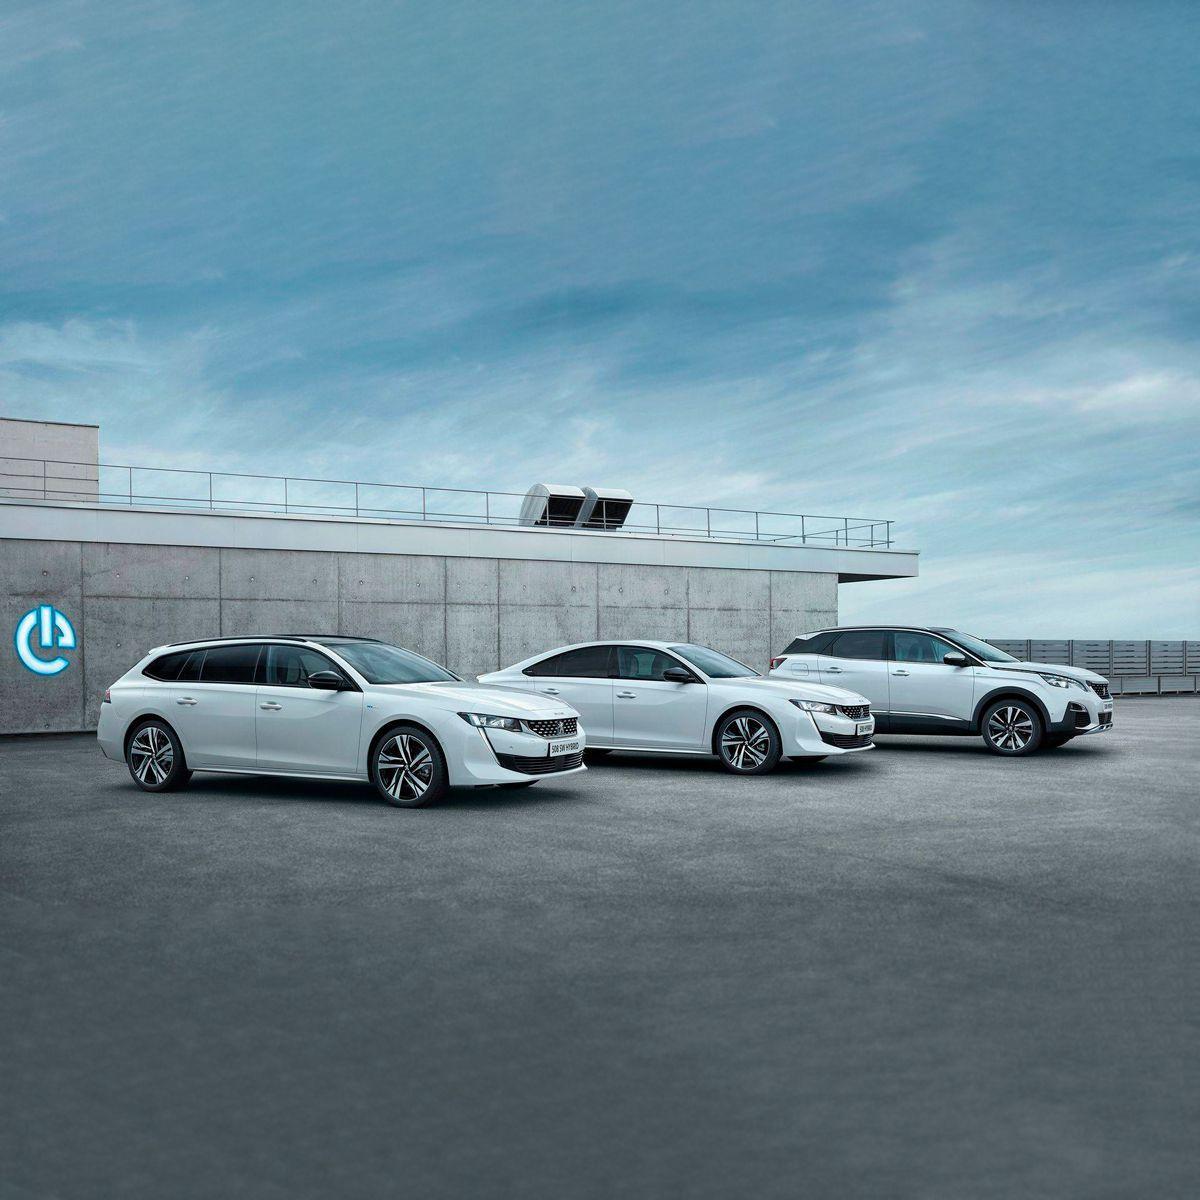 Nueva Gama Peugeot Hybrid